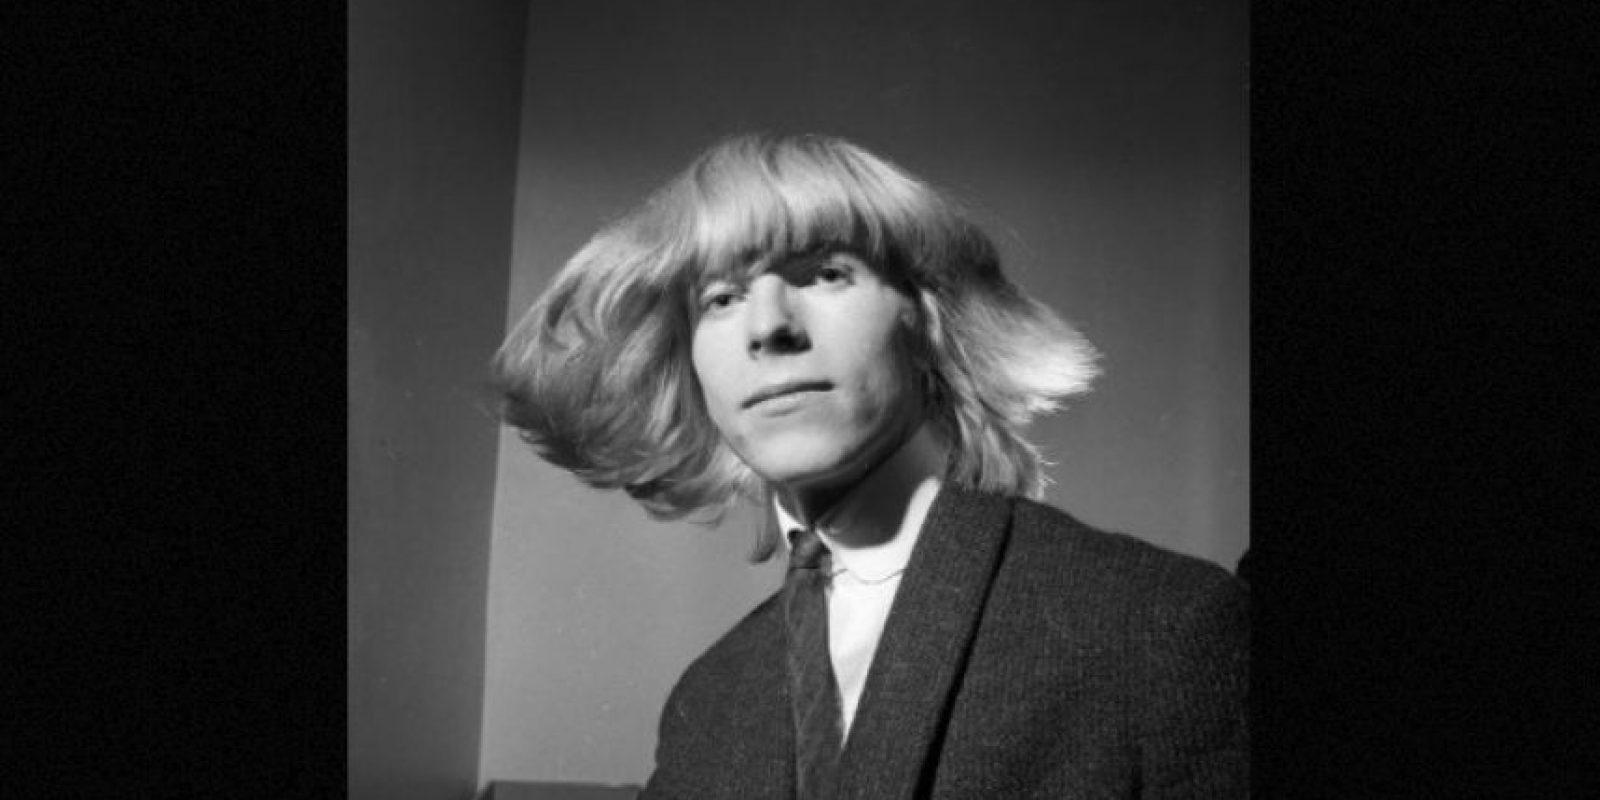 Estos fueron los cambios de look de David Bowie a través de los años. Aquí en 1965 Foto:Getty Images